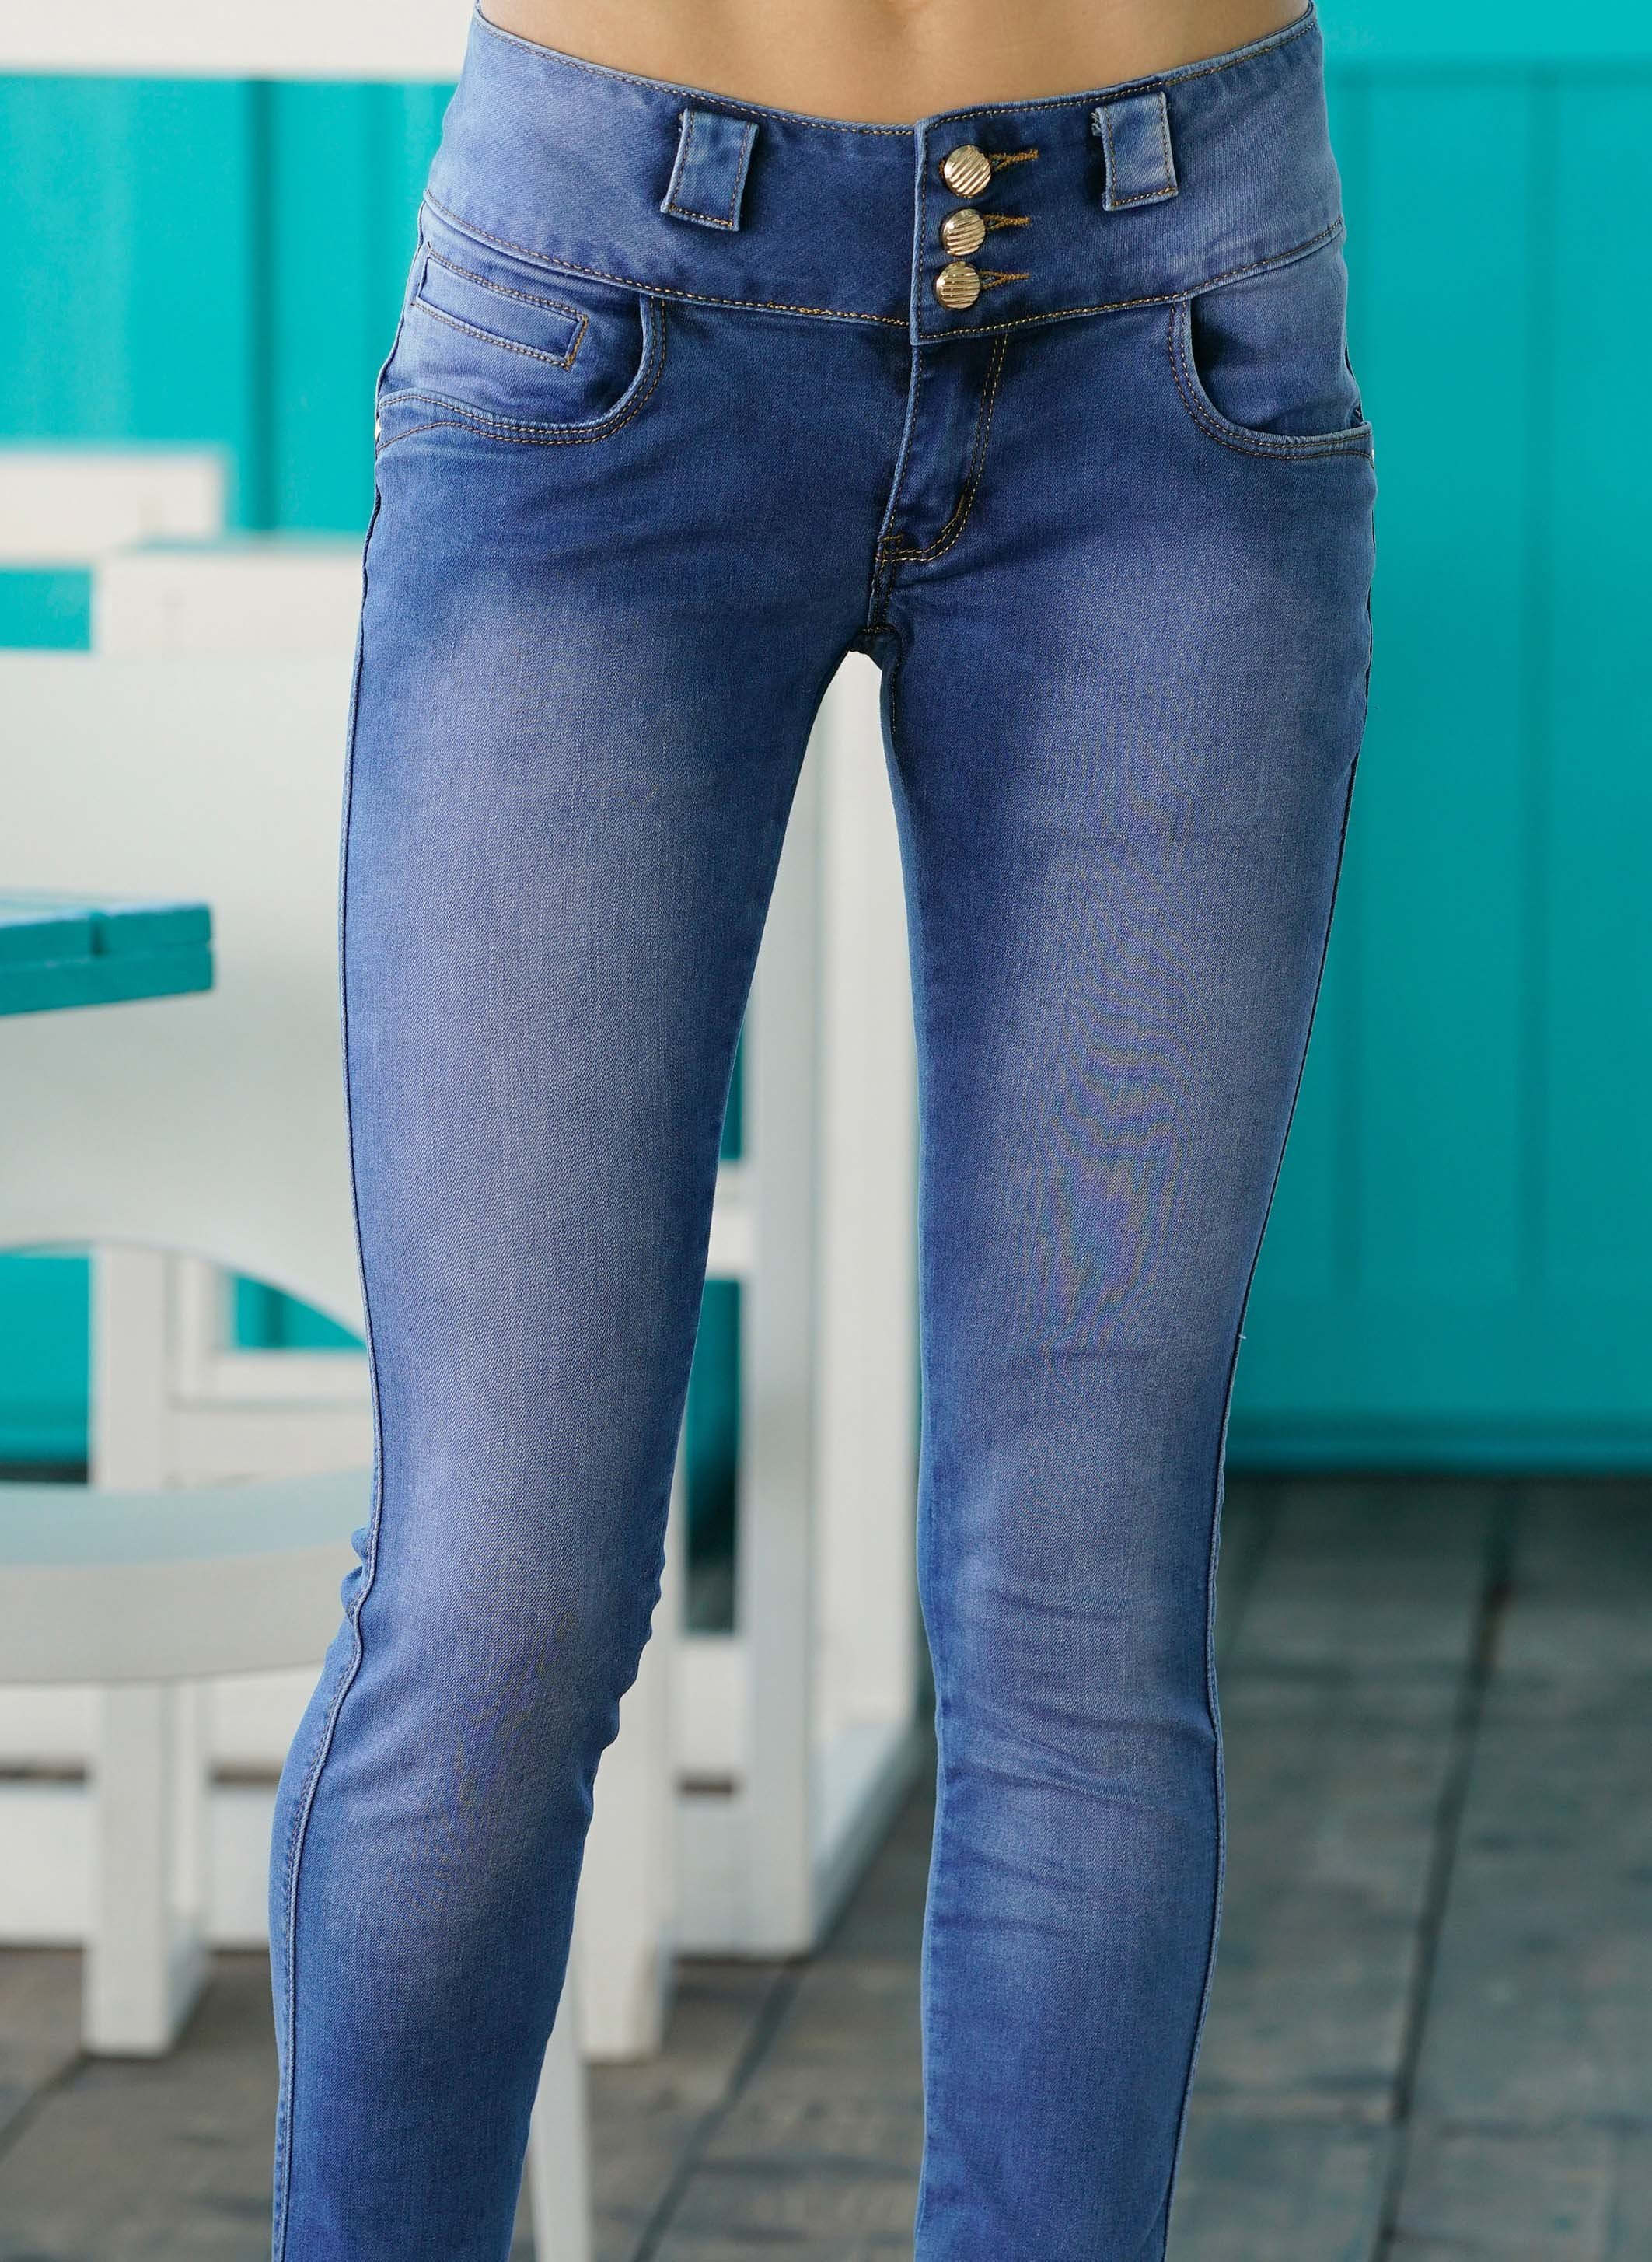 5 pocket jeans hoher bund umschl ge. Black Bedroom Furniture Sets. Home Design Ideas